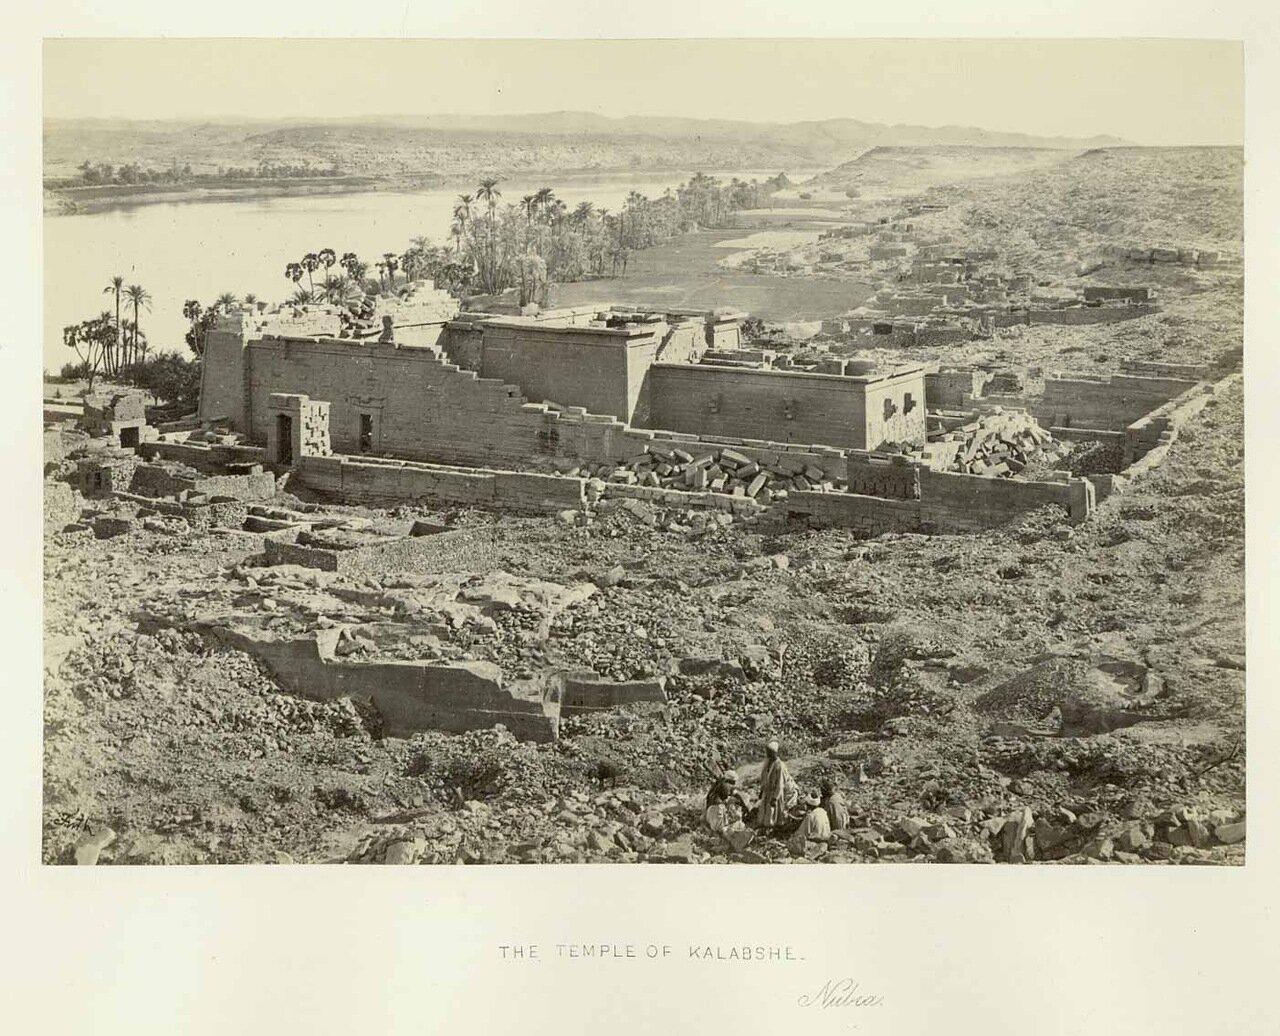 Храм Калабша. 1862.